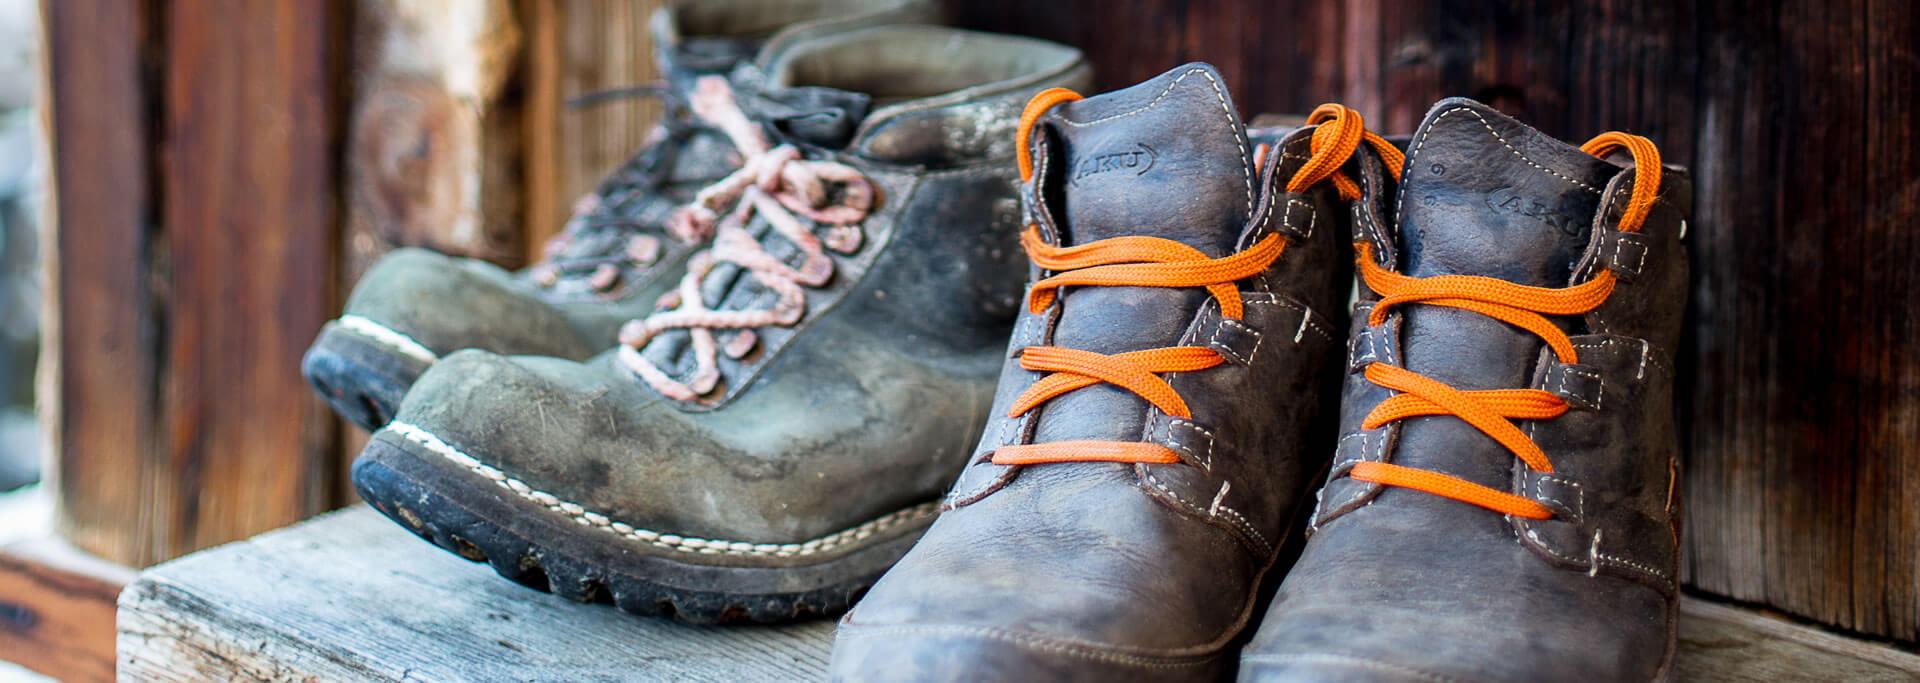 piedi evitarlo che rimedi Scarpe macchiano per i qCYfgt